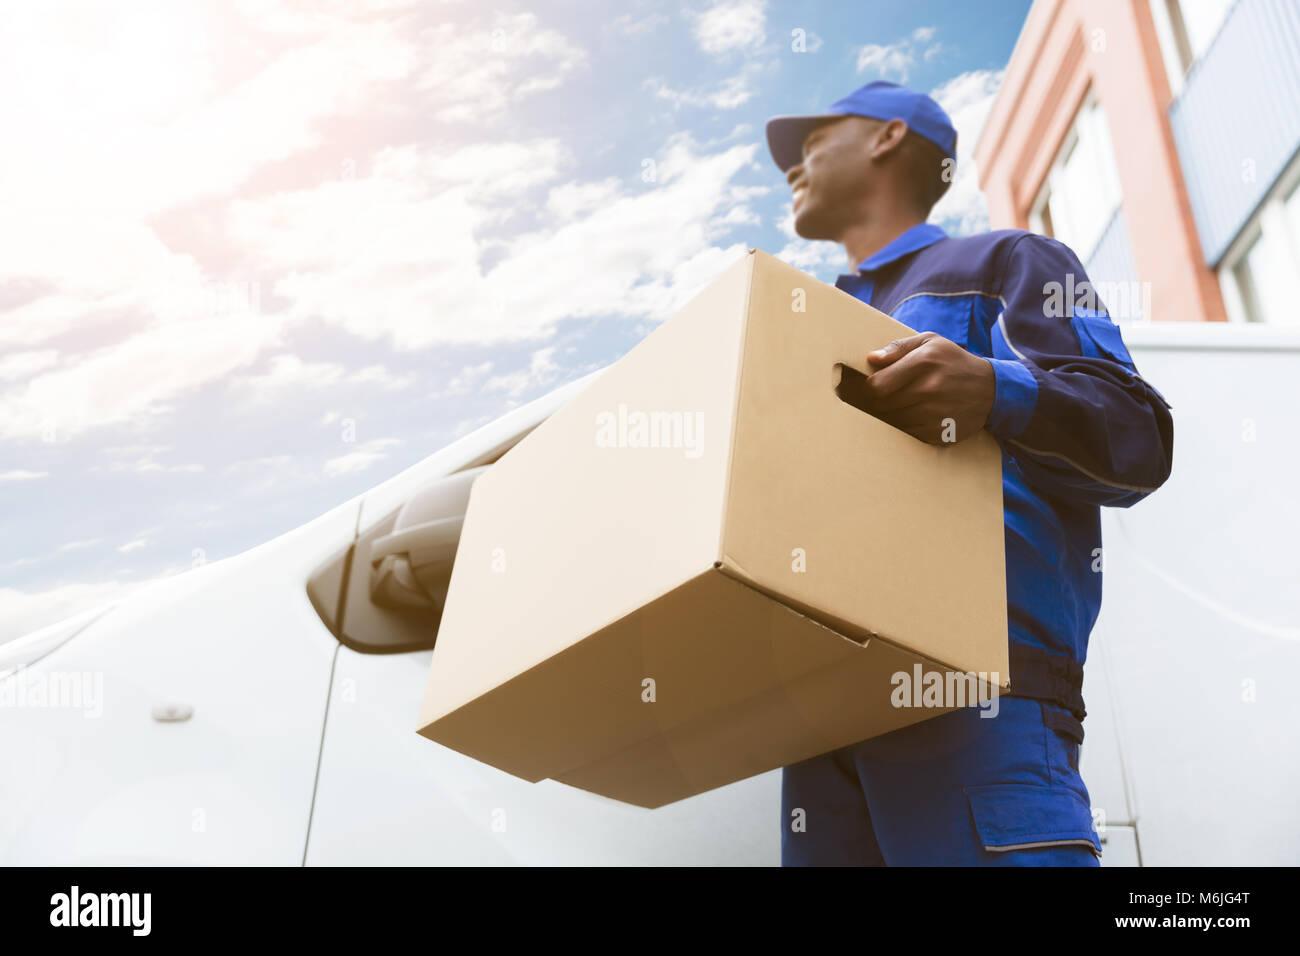 Basso Angolo di visione del caricatore uomo in piedi vicino al Van tenendo la scatola di cartone Immagini Stock